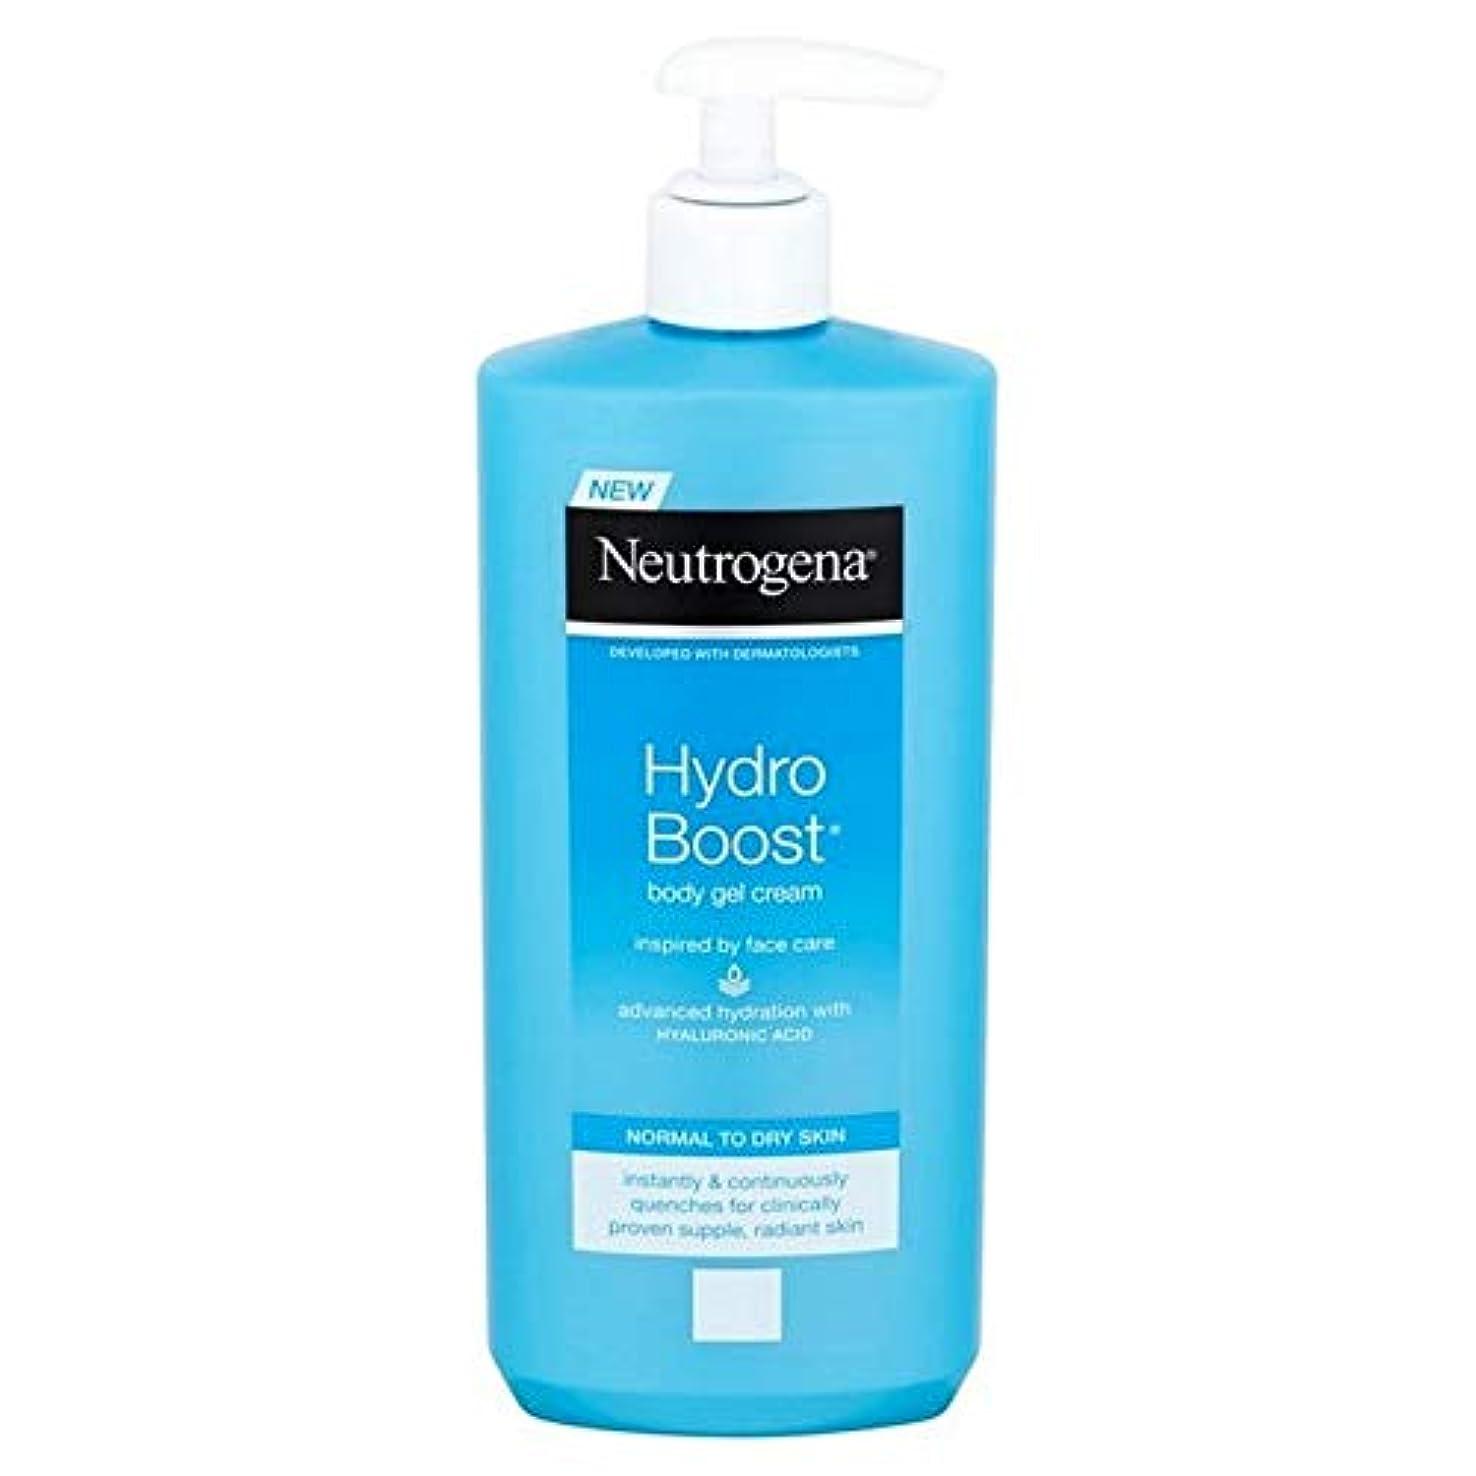 裁定周り取り扱い[Neutrogena ] ニュートロジーナ水力発電は、ボディジェルクリーム400ミリリットルを後押し - Neutrogena Hydro Boost Body Gel Cream 400ml [並行輸入品]